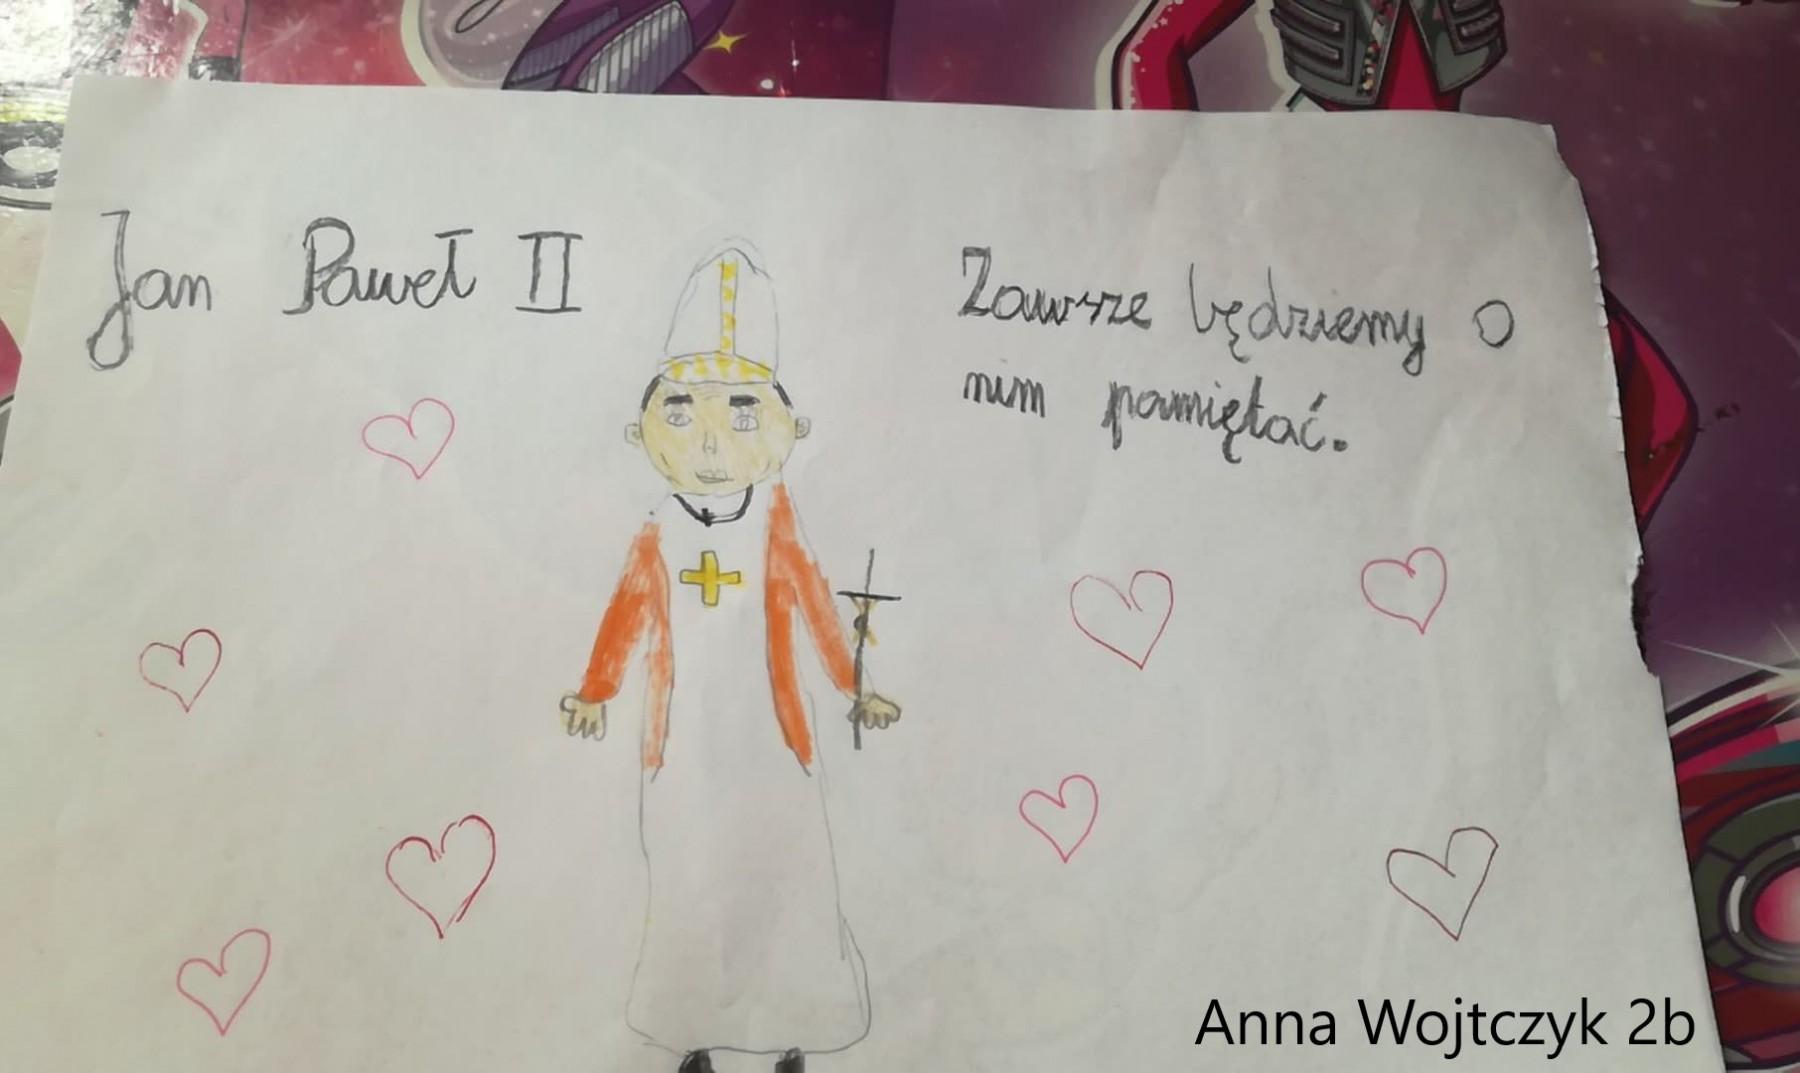 Anna-Wojtczyk-2b-edytowany-